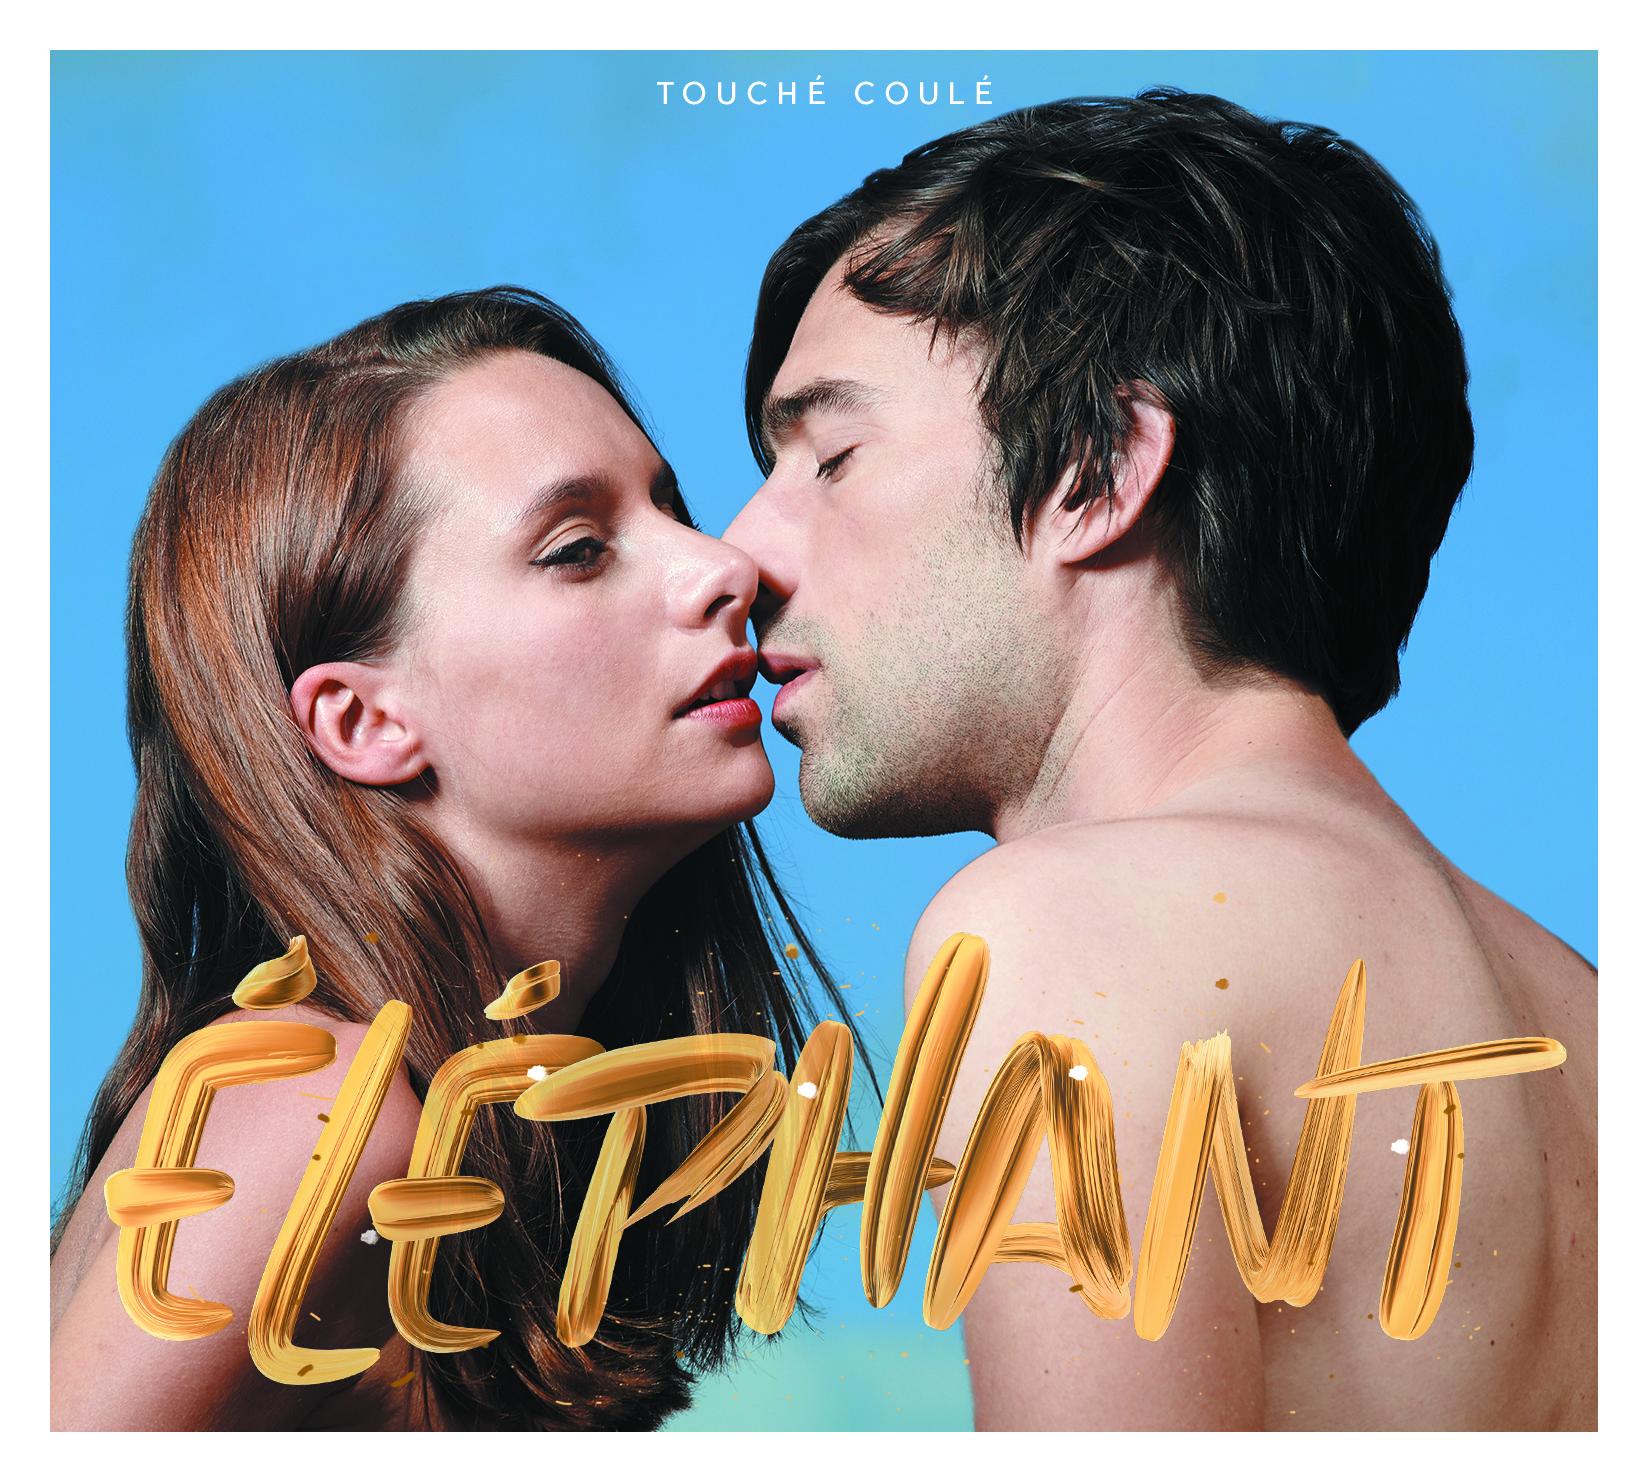 Elephant_Touché_Coulé